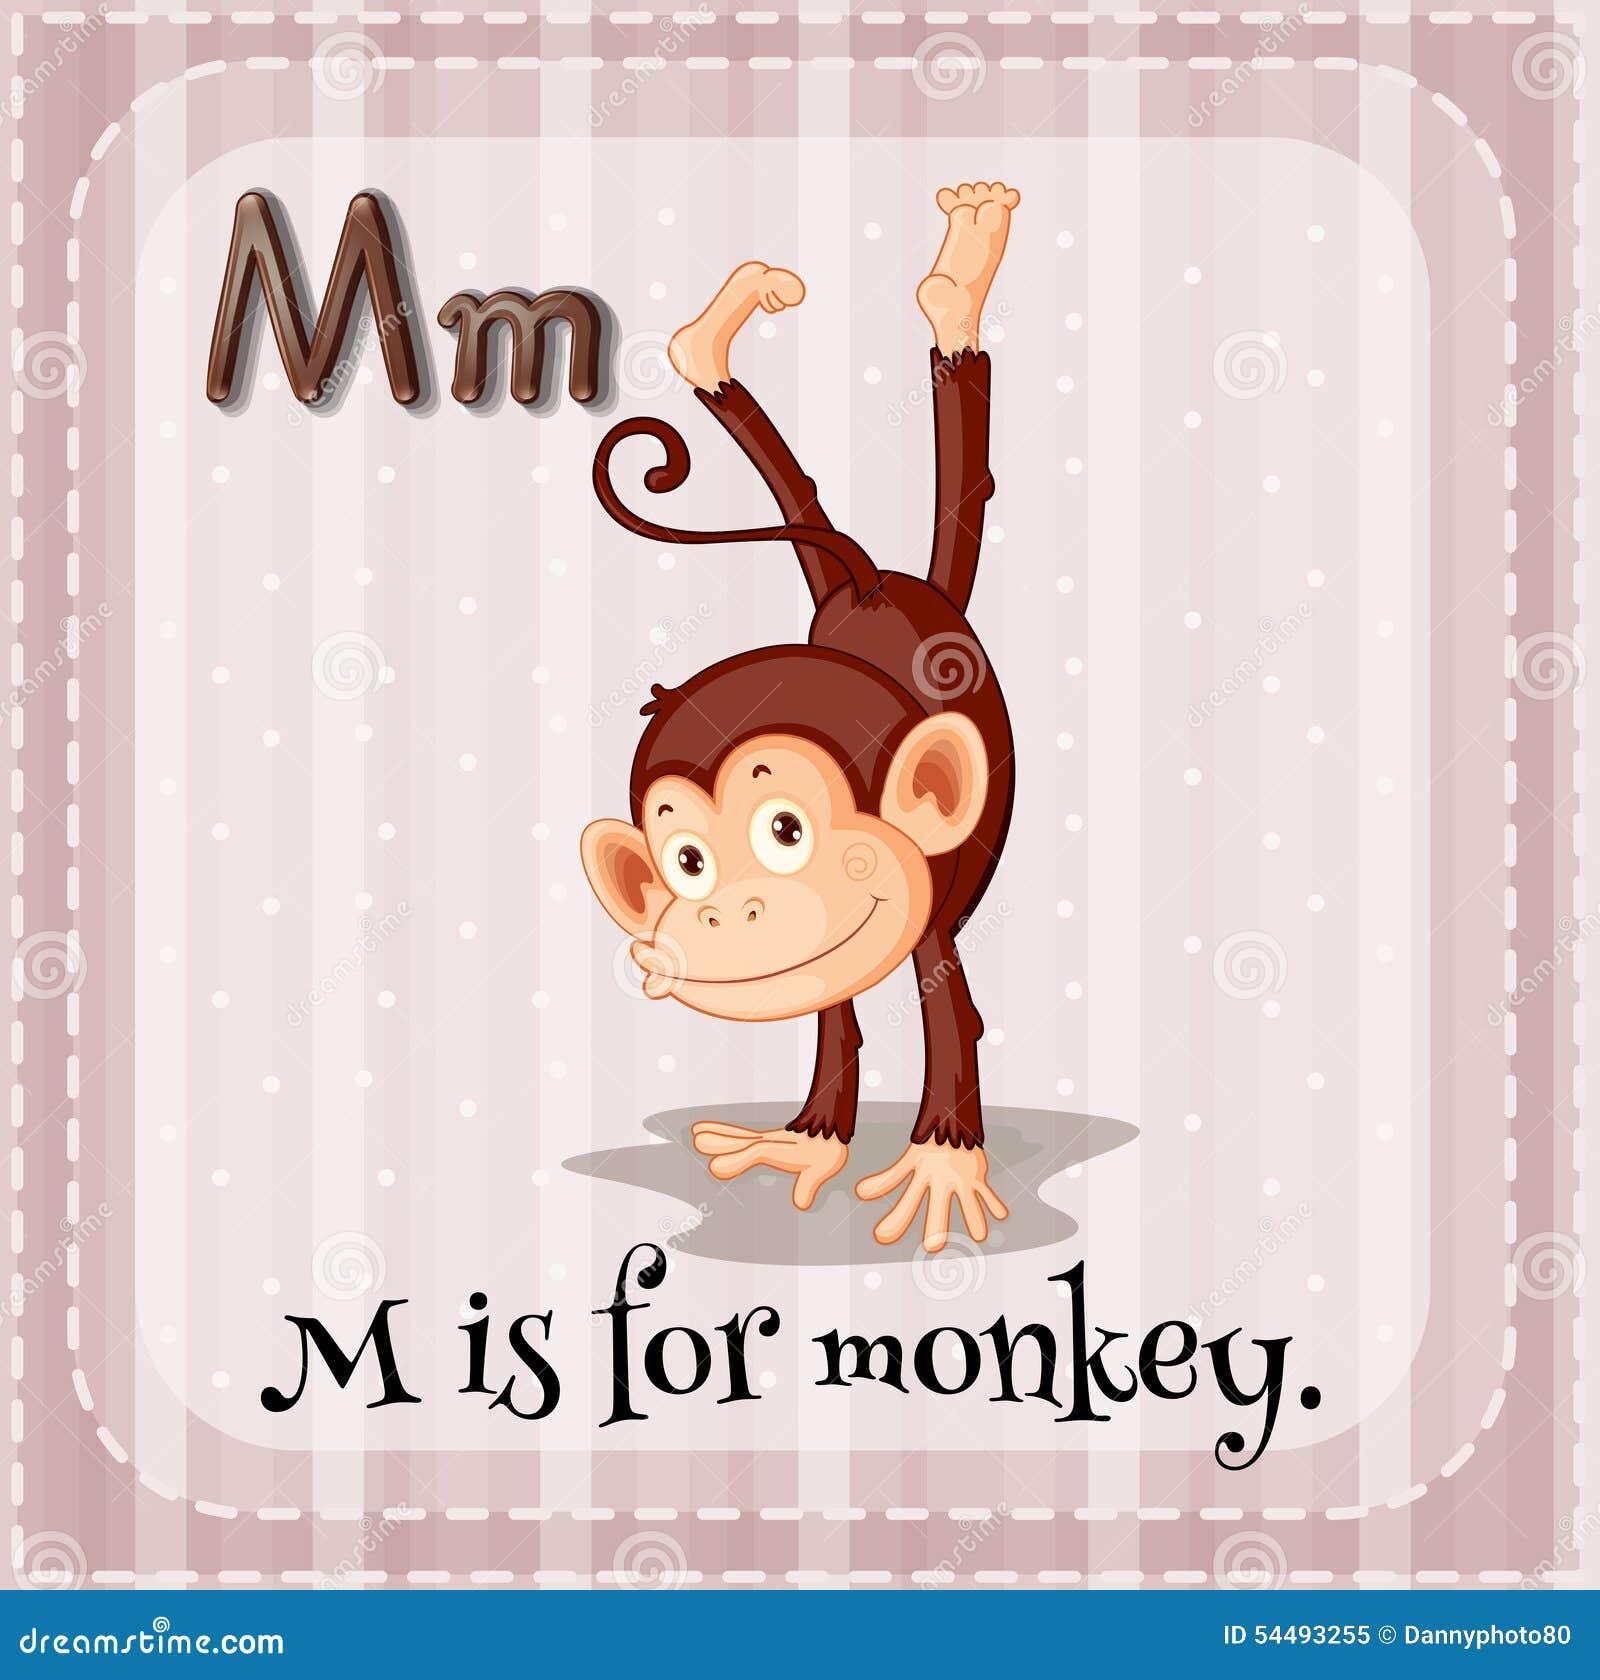 Monkey Stock Illustration - Image: 54493255